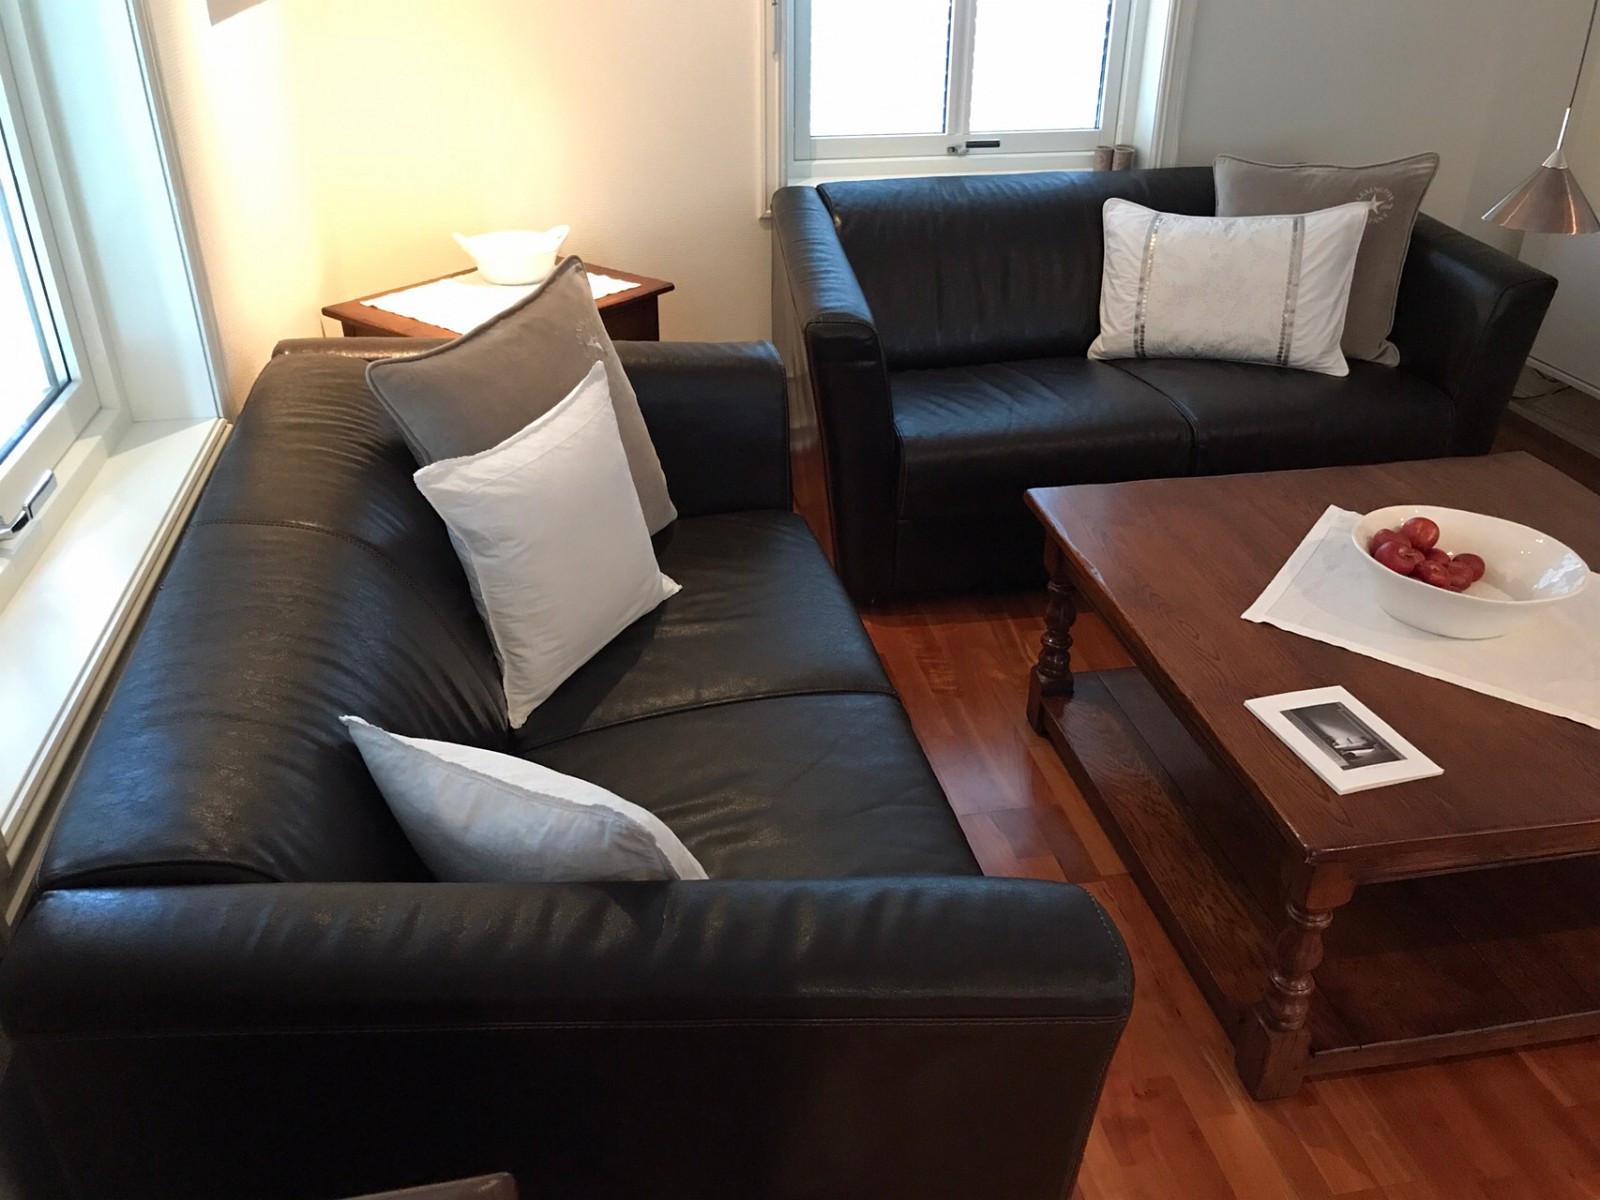 Sofa 2-s. i skinn, 2 stk med puff. - Fjellhamar  - Sofa 2-s. i skinn. To stk sofa og en puff. Pent brukt og godt vedlikeholdt. Selges samlet. Sofa: bxdxh = 148x85x74 cm Puff: bxdxh = 120x62x35 cm - Fjellhamar